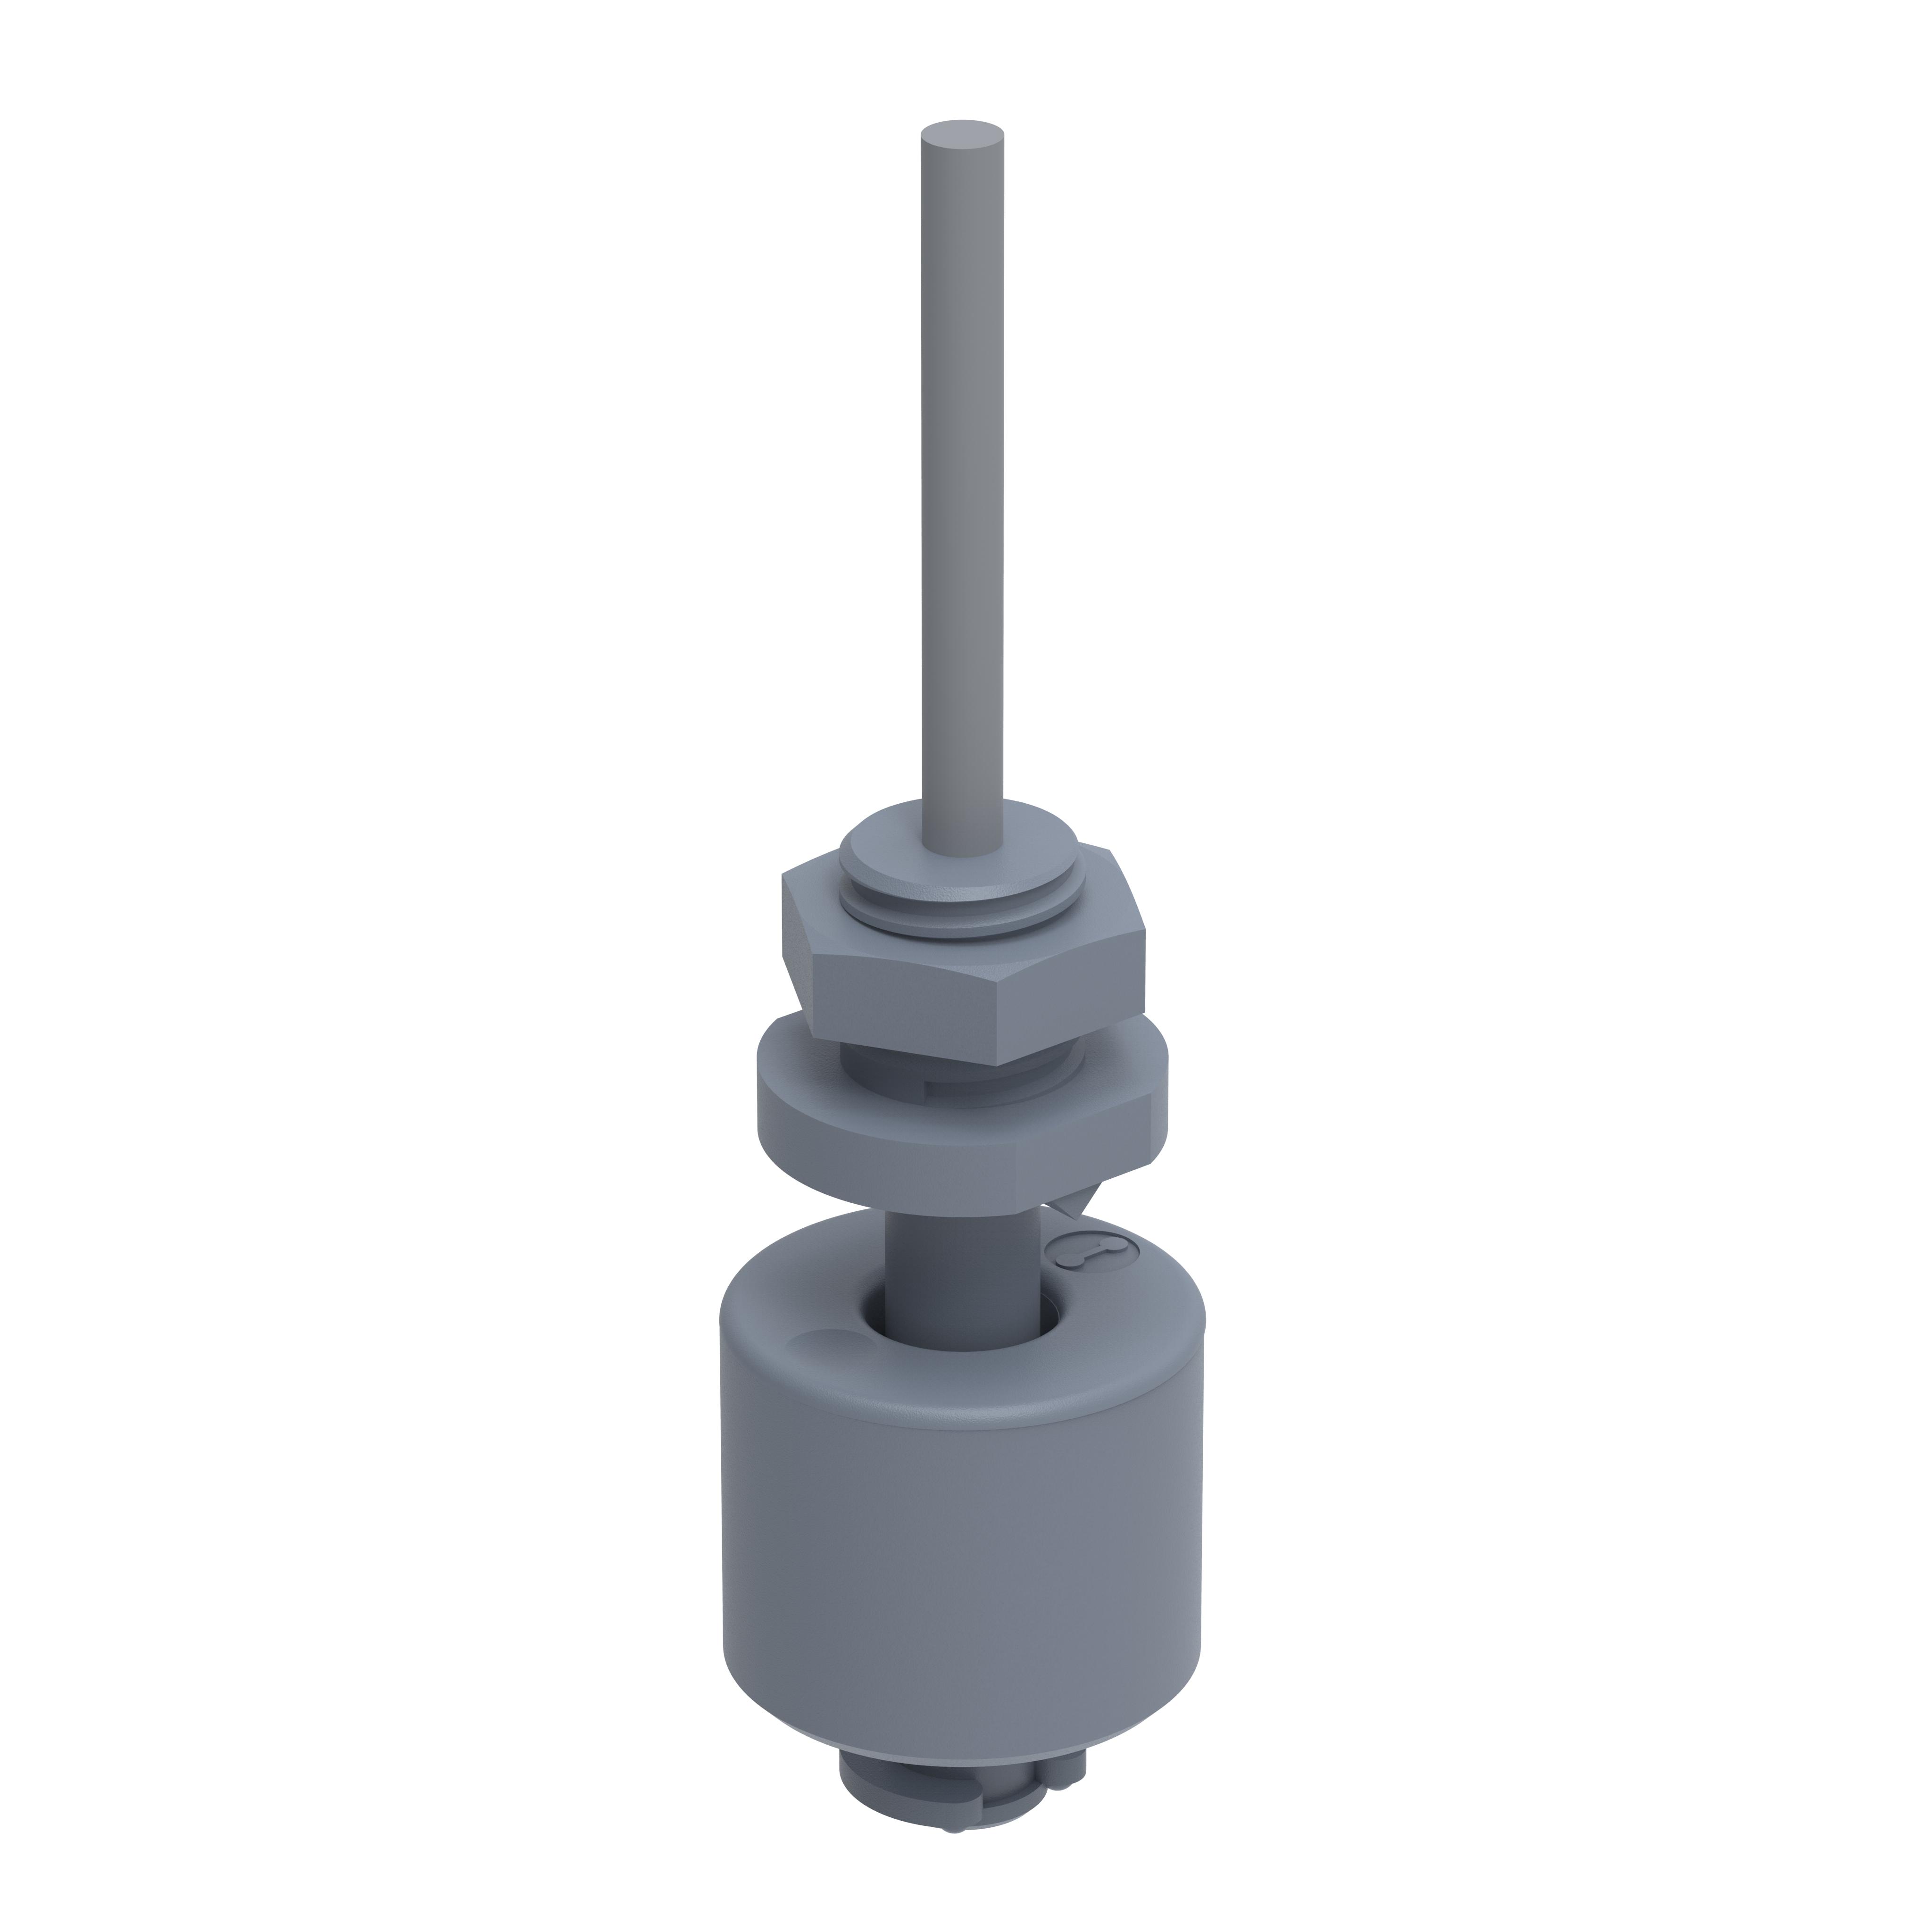 Miniatur Schwimmerschalter - 200022 - Öffner, 48V, PP, Gewinde PG7, 1m Kabel